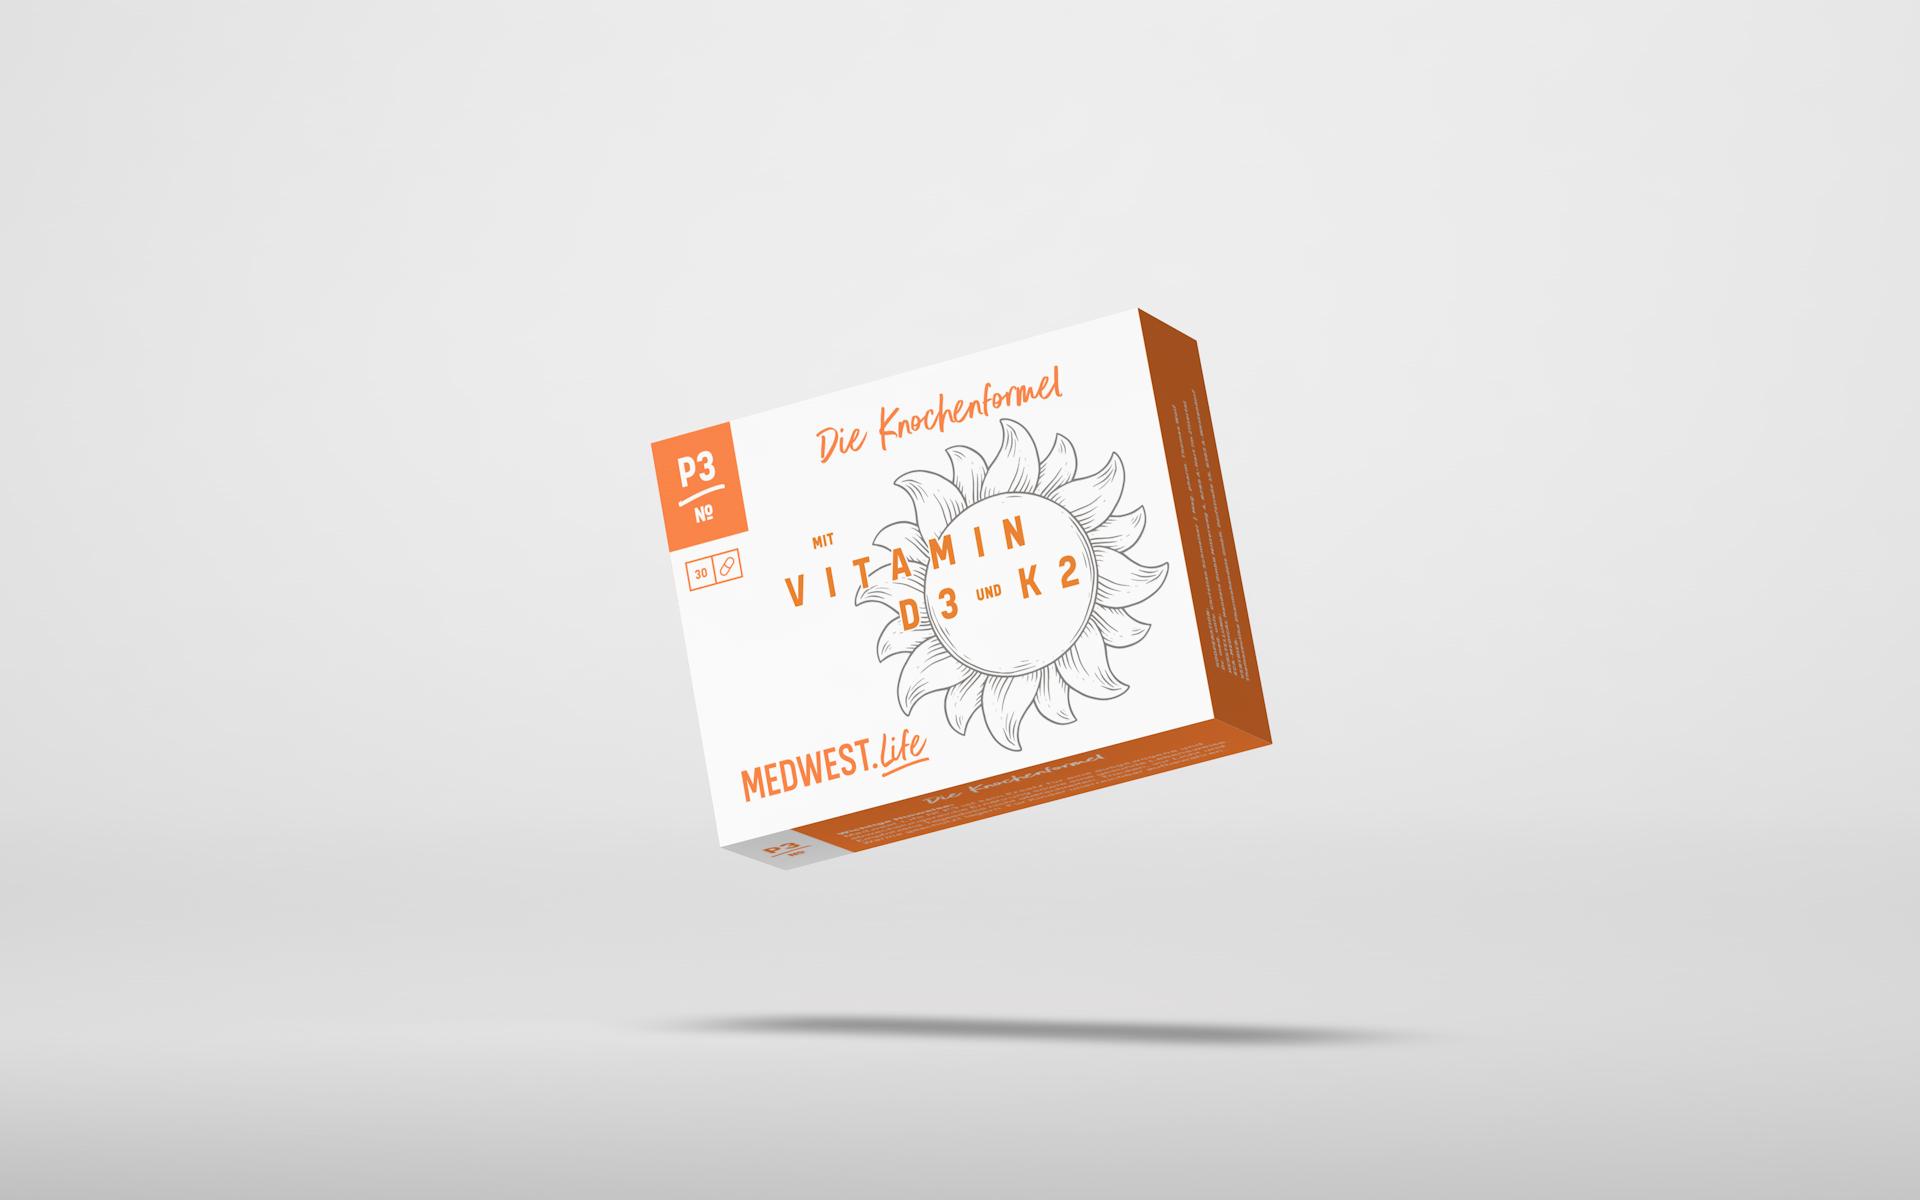 № P3 –  Die Knochenformel mit Vitamin D3 UND K2